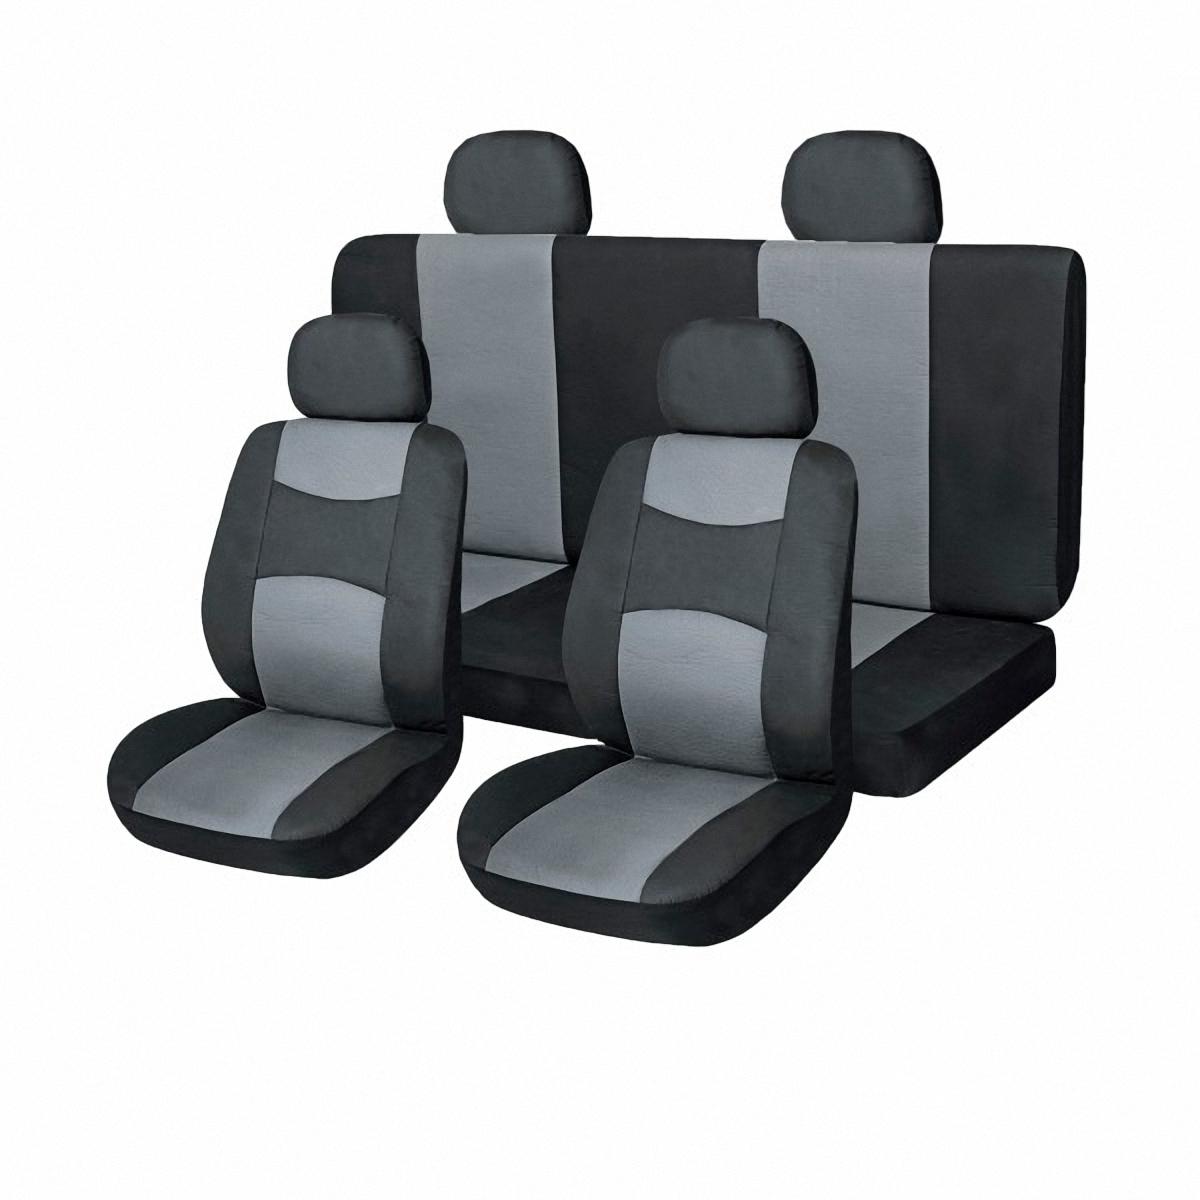 Чехлы автомобильные Skyway. SW-101046 BK/GY S/S01301013CA-3505Комплект классических универсальных автомобильных чехлов Skyway изготовлен из искусственной кожи. Чехлы защитят обивку сидений от вытирания и выцветания. Благодаря структуре ткани, обеспечивается улучшенная вентиляция кресел, что позволяет сделать более комфортными долгое пребывание за рулем во время дальней поездки.